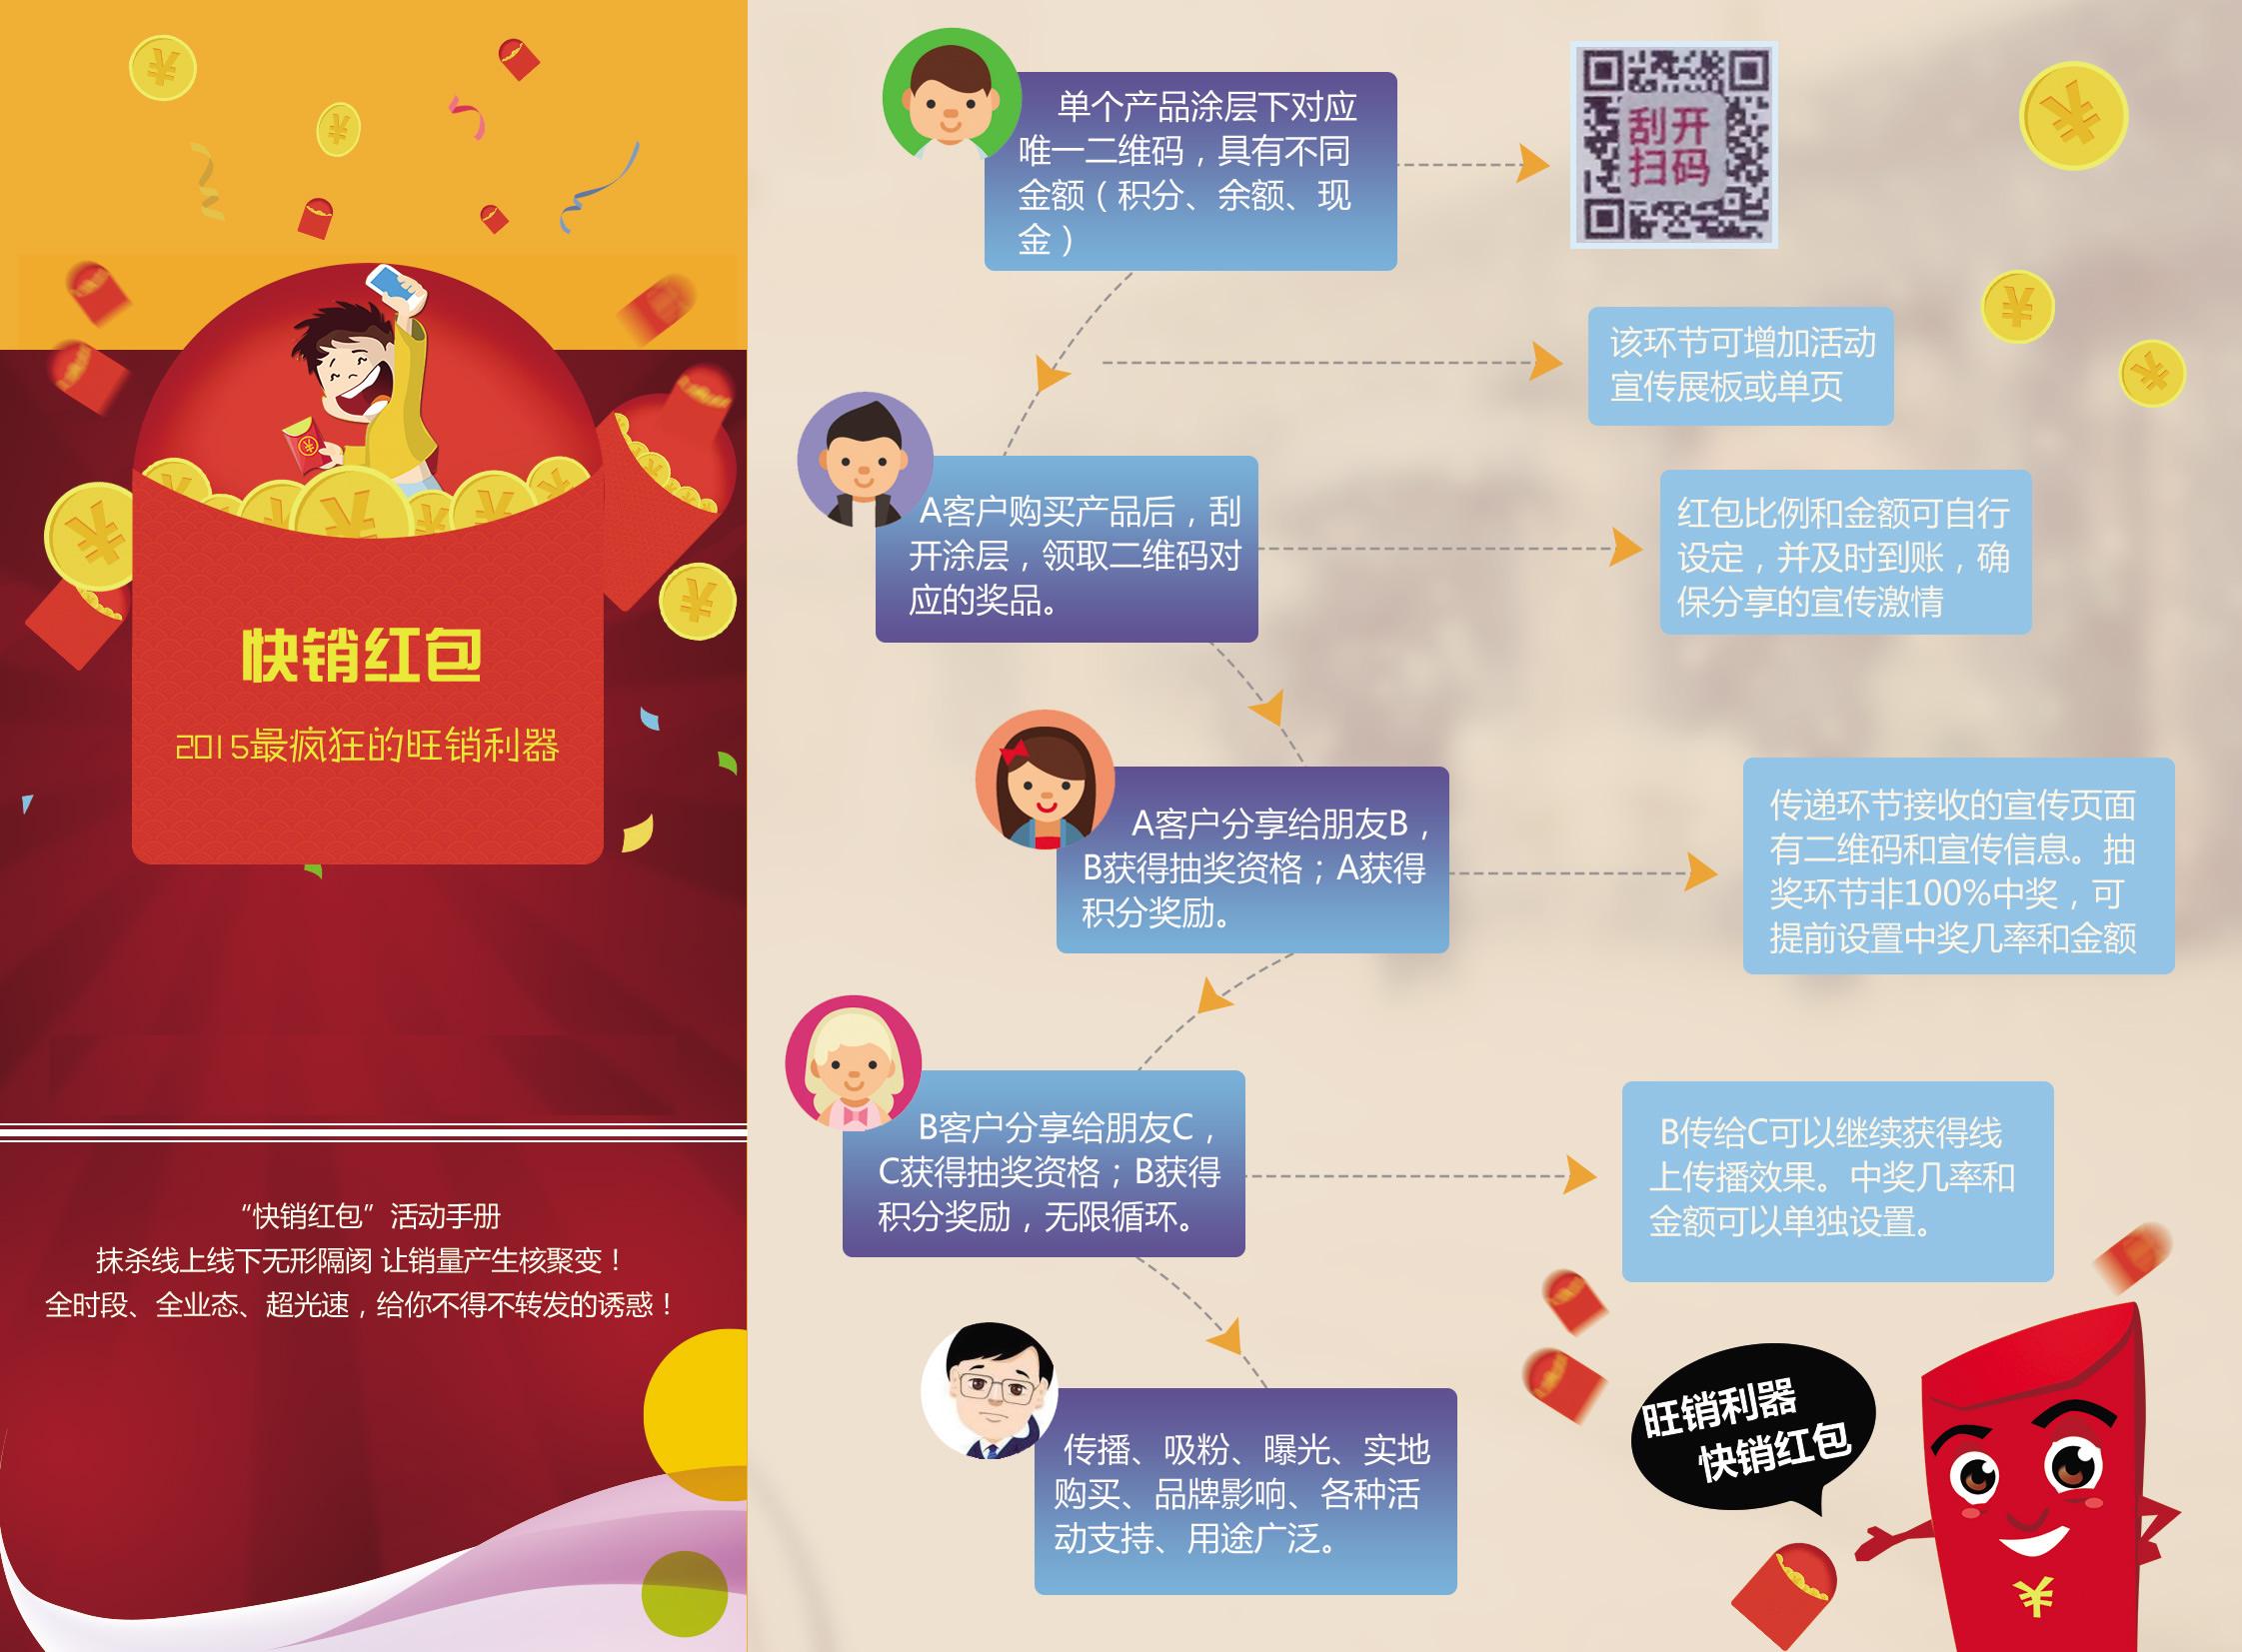 微信红包新玩法,快消品微信营销红包活动利器!